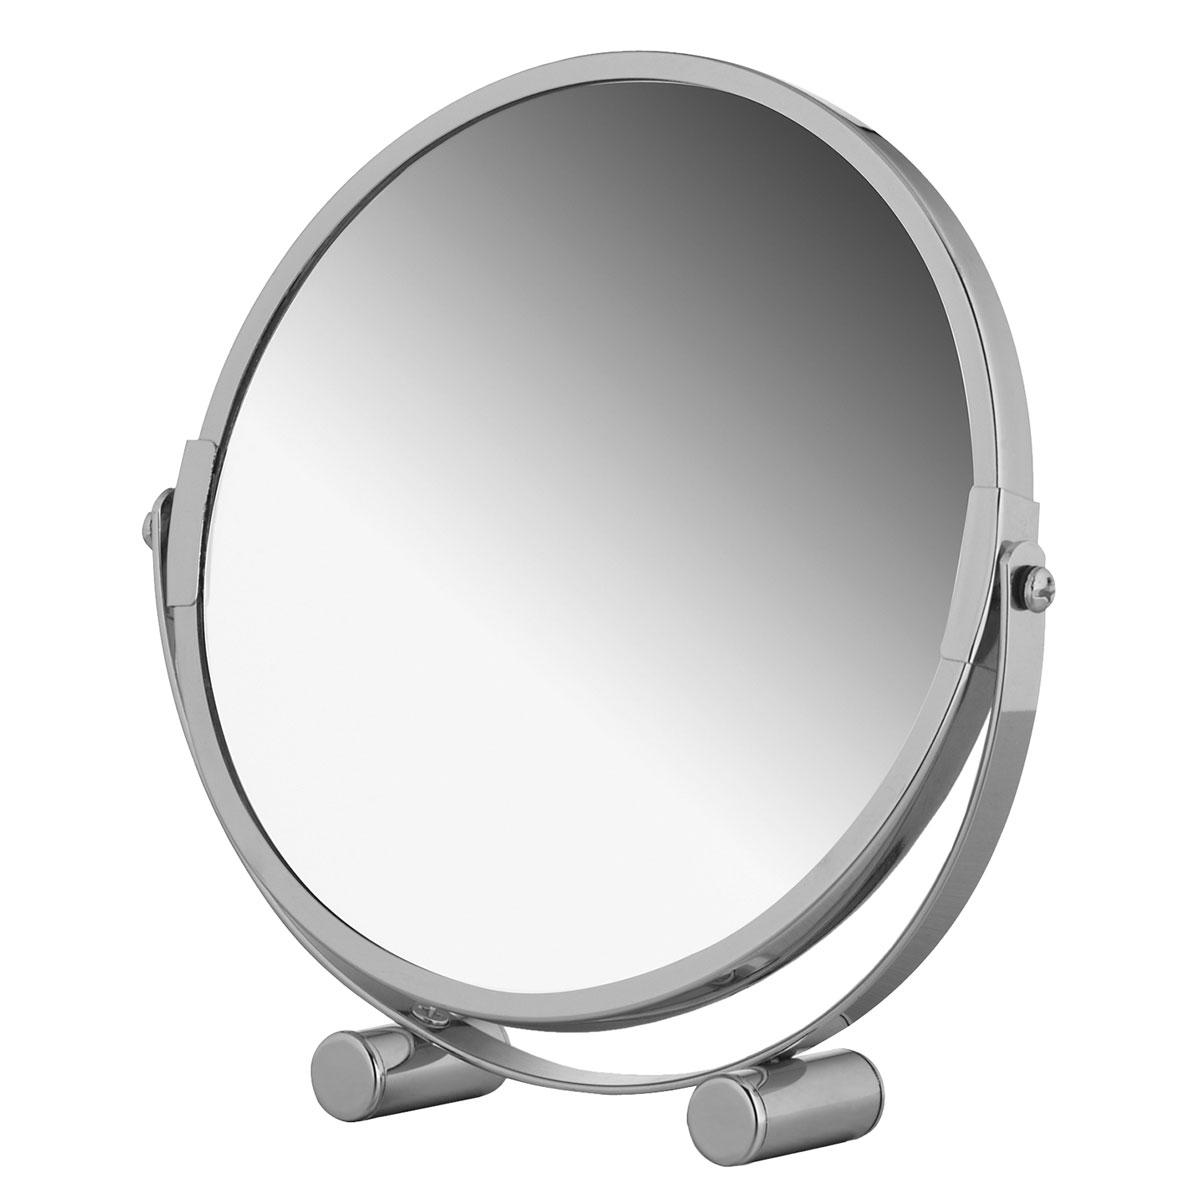 Зеркало двухстороннее Tatkraft Eos, настольное, диаметр 17 см11656Двухстороннее настольное зеркало Tatkraft Eos с увеличением с одной стороны отлично подойдет для нанесения макияжа и проведения процедур по уходу за кожей лица. Зеркало диаметром 17 см изготовлено из хромированной стали и имеет 2-х кратное увеличение. Компактный размер позволяет брать зеркало с собой в поездки.